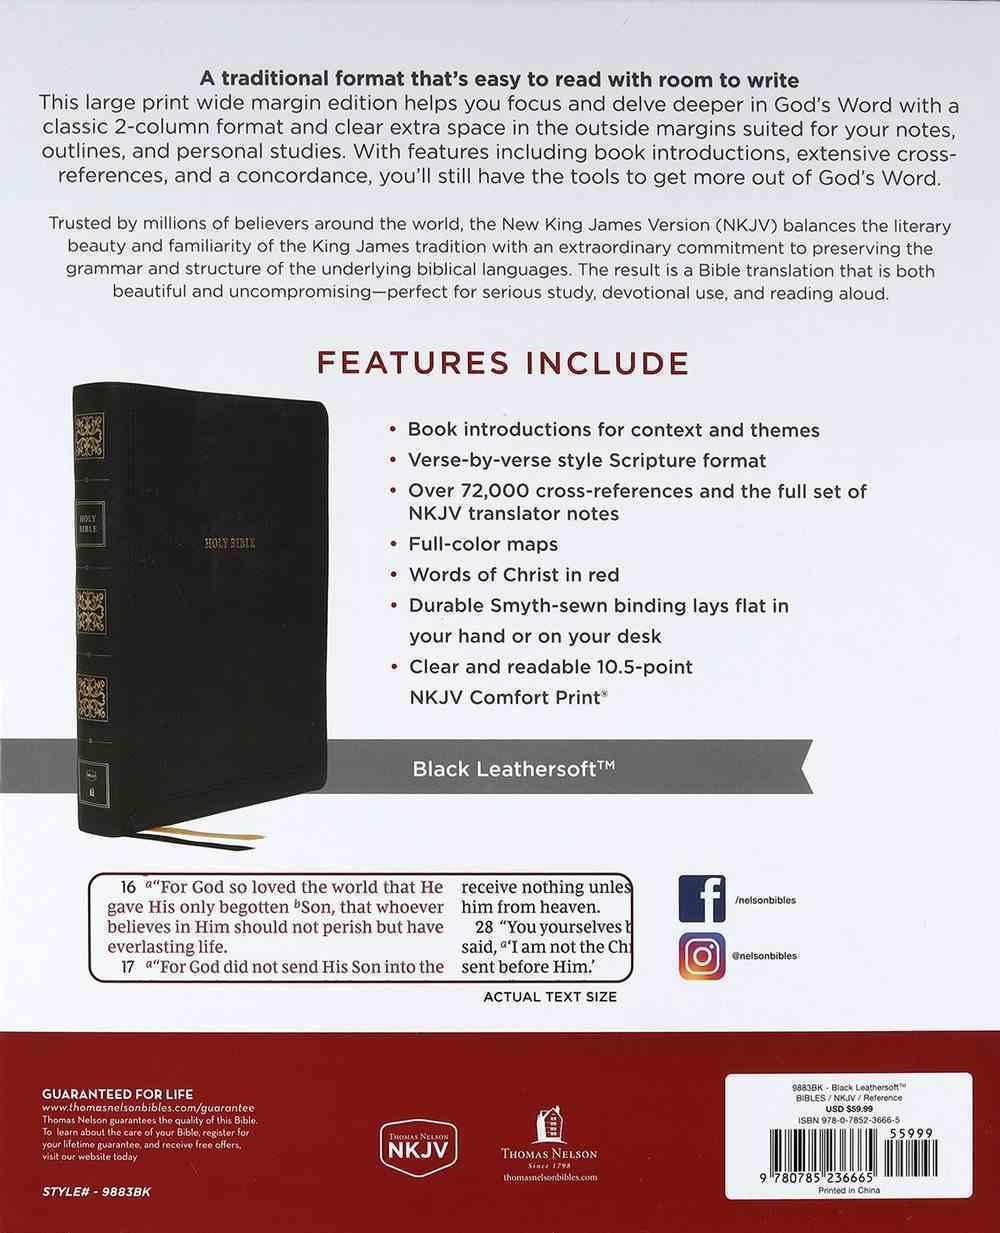 NKJV Reference Bible Wide Margin Large Print Black (Red Letter Edition) Premium Imitation Leather